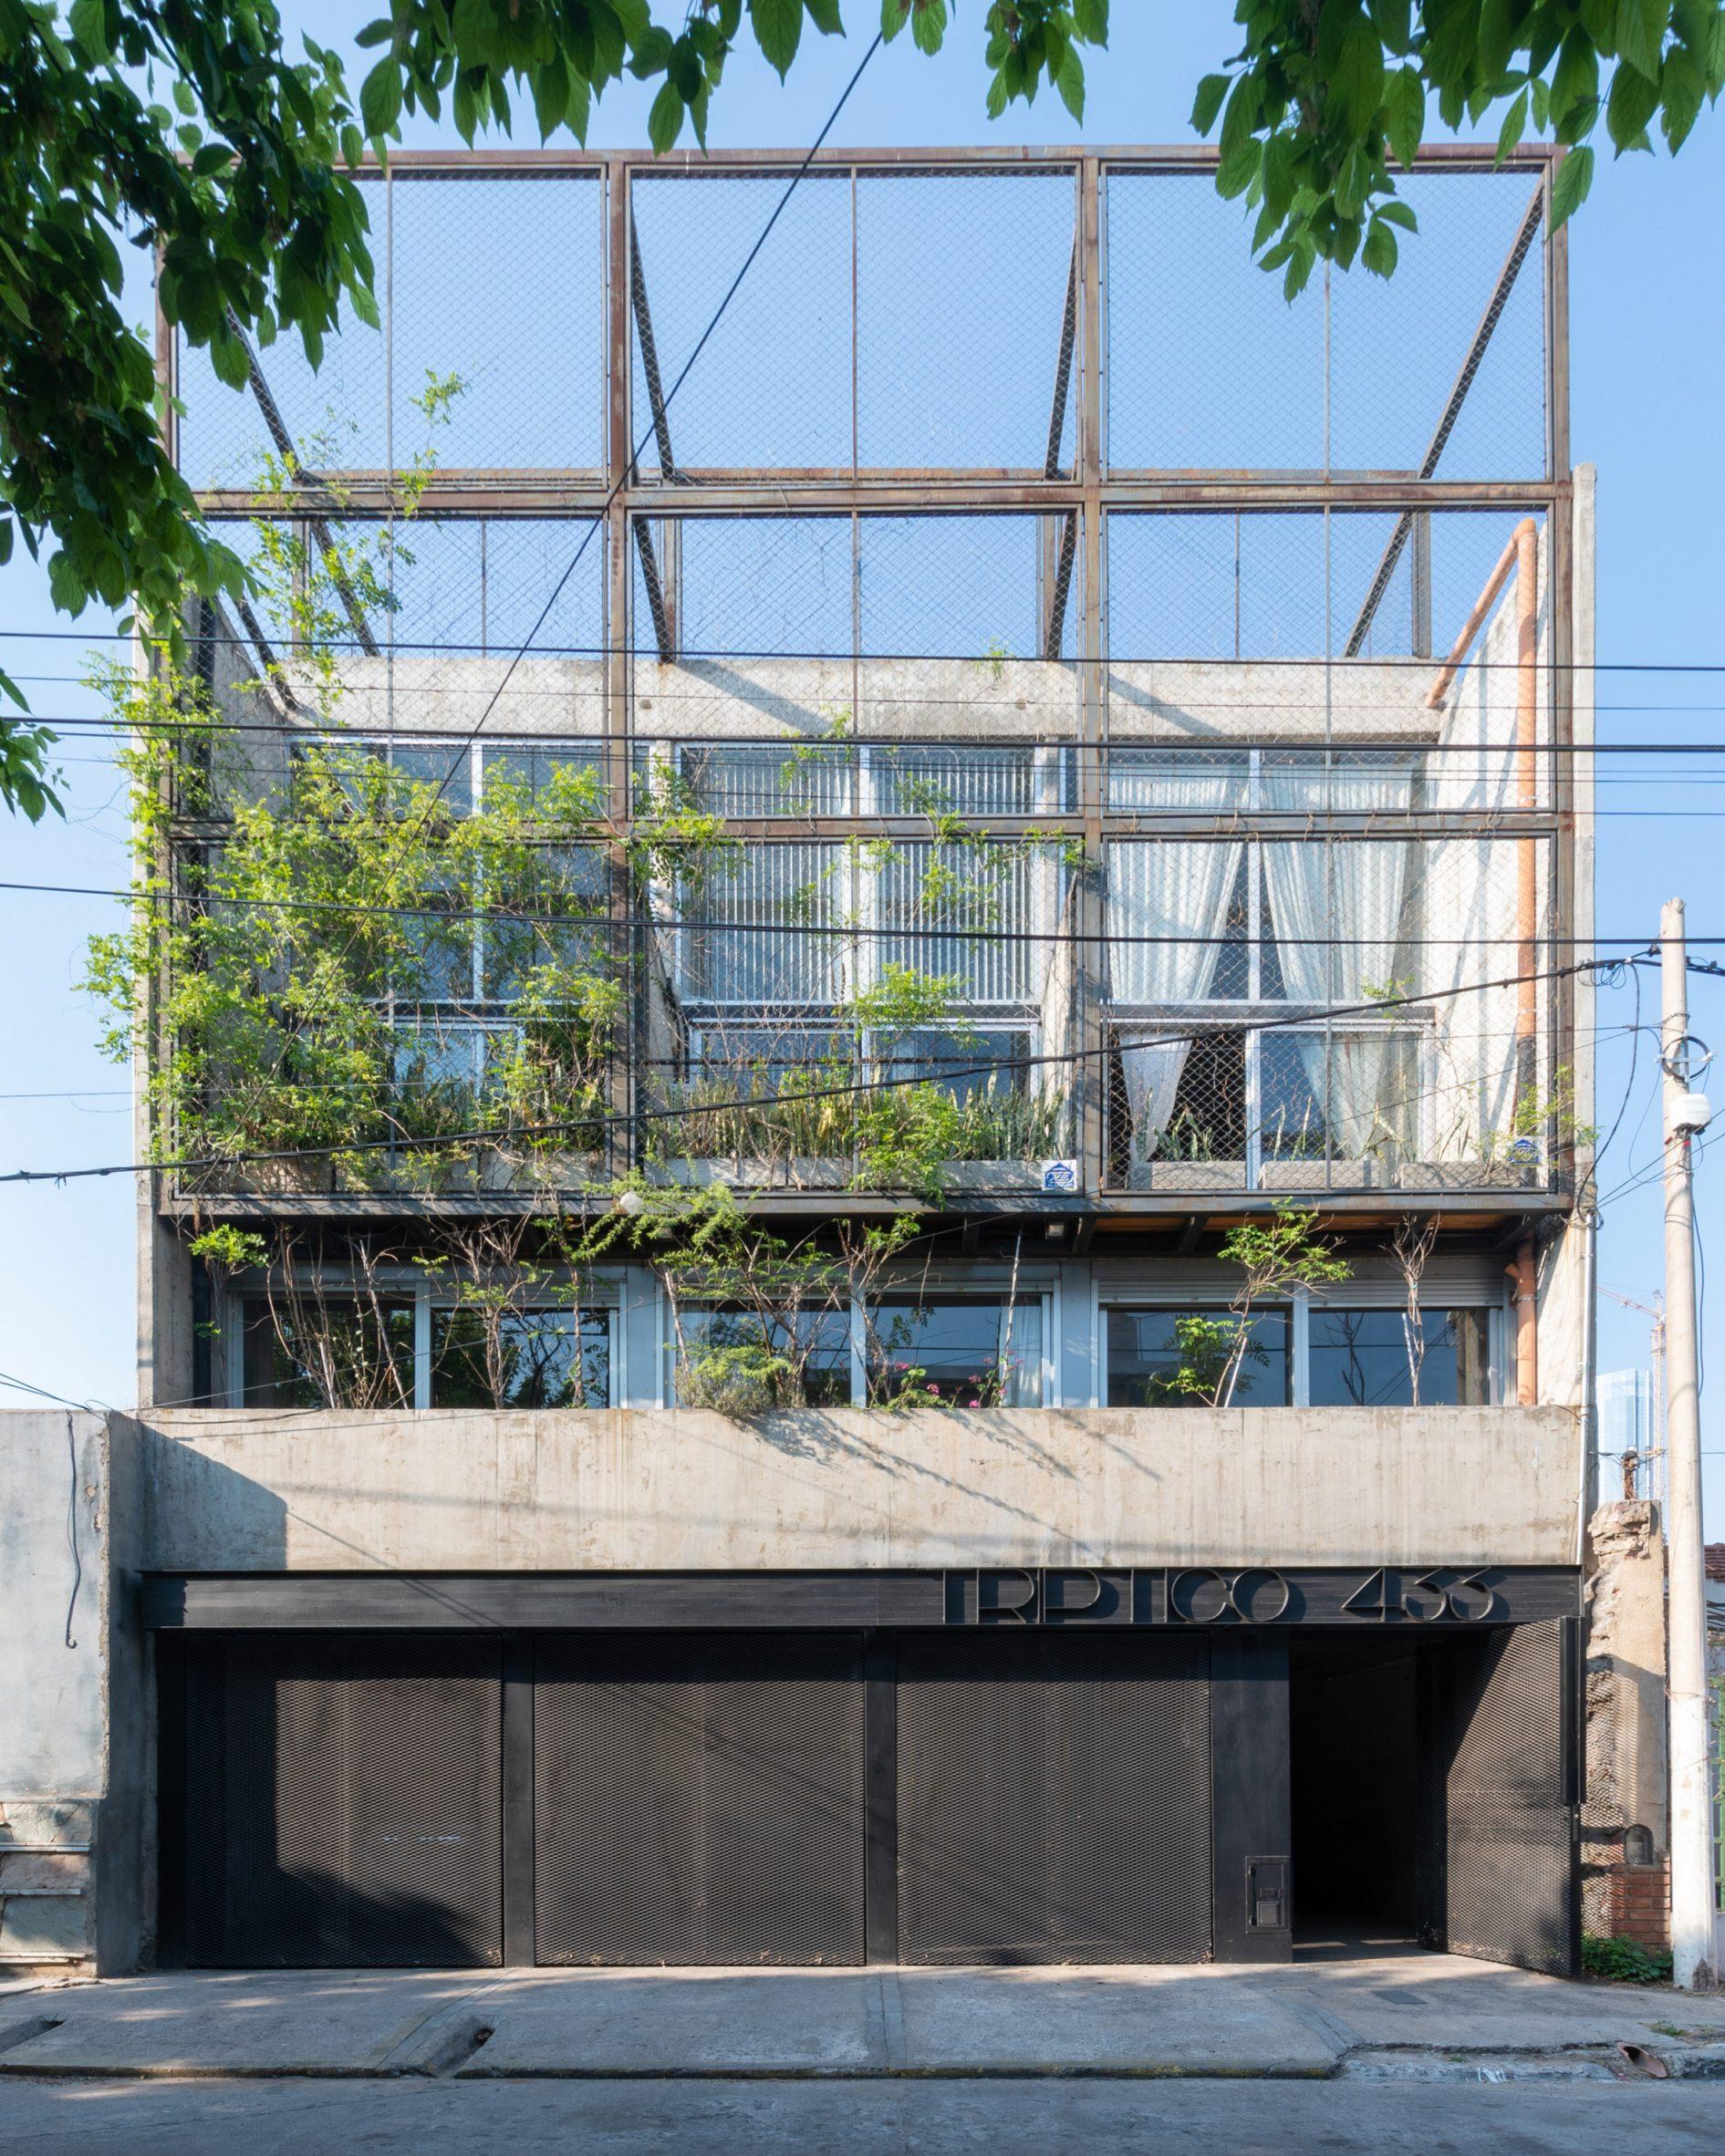 The Tríptico Building has a three-car garage